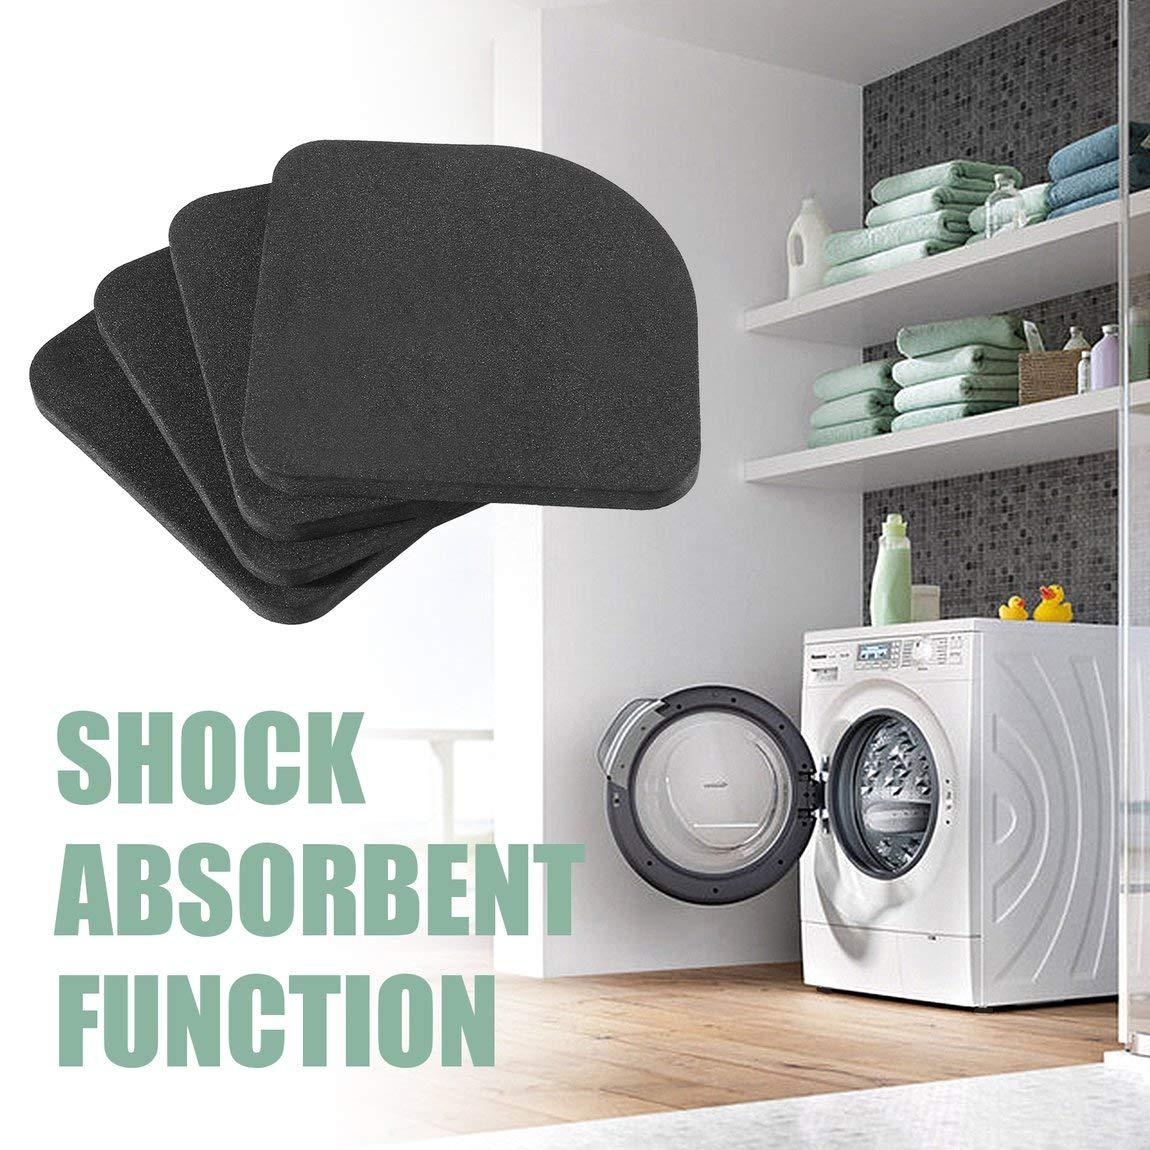 4 pezzi Tappetini antiscivolo per lavatrice Rondella Frigorifero Antivibrante Tappetino antiurto per lavatrice come mostra limmagine